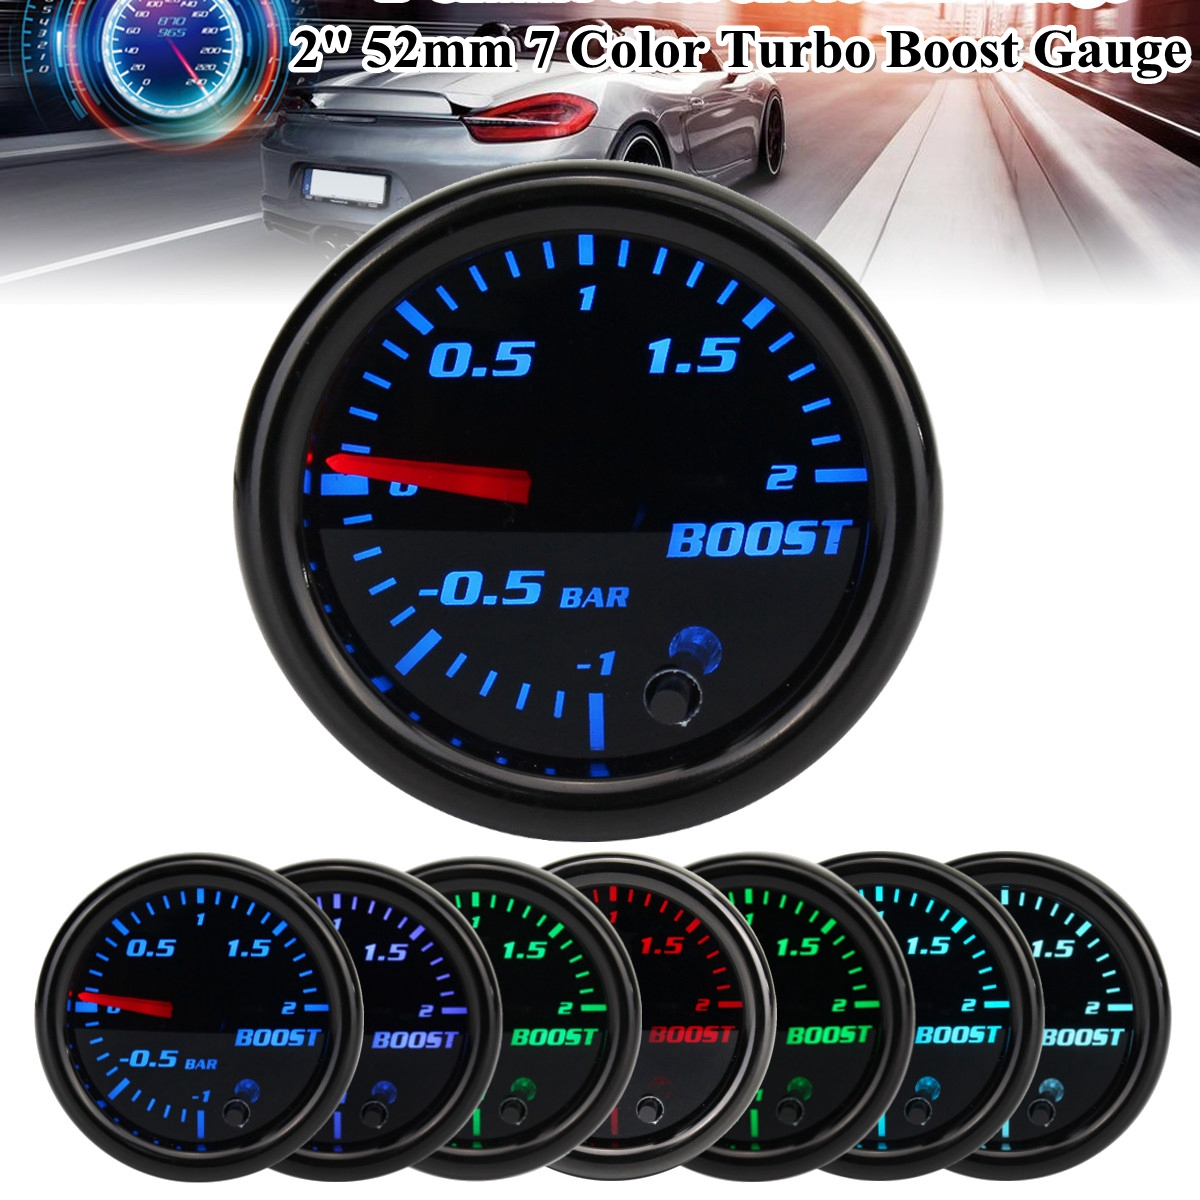 רכב מד 2 אינץ 52mm טורבו Boost מכאני מד לחץ ואקום מטר-12 בר 7 צבע LED שחור לן 12V